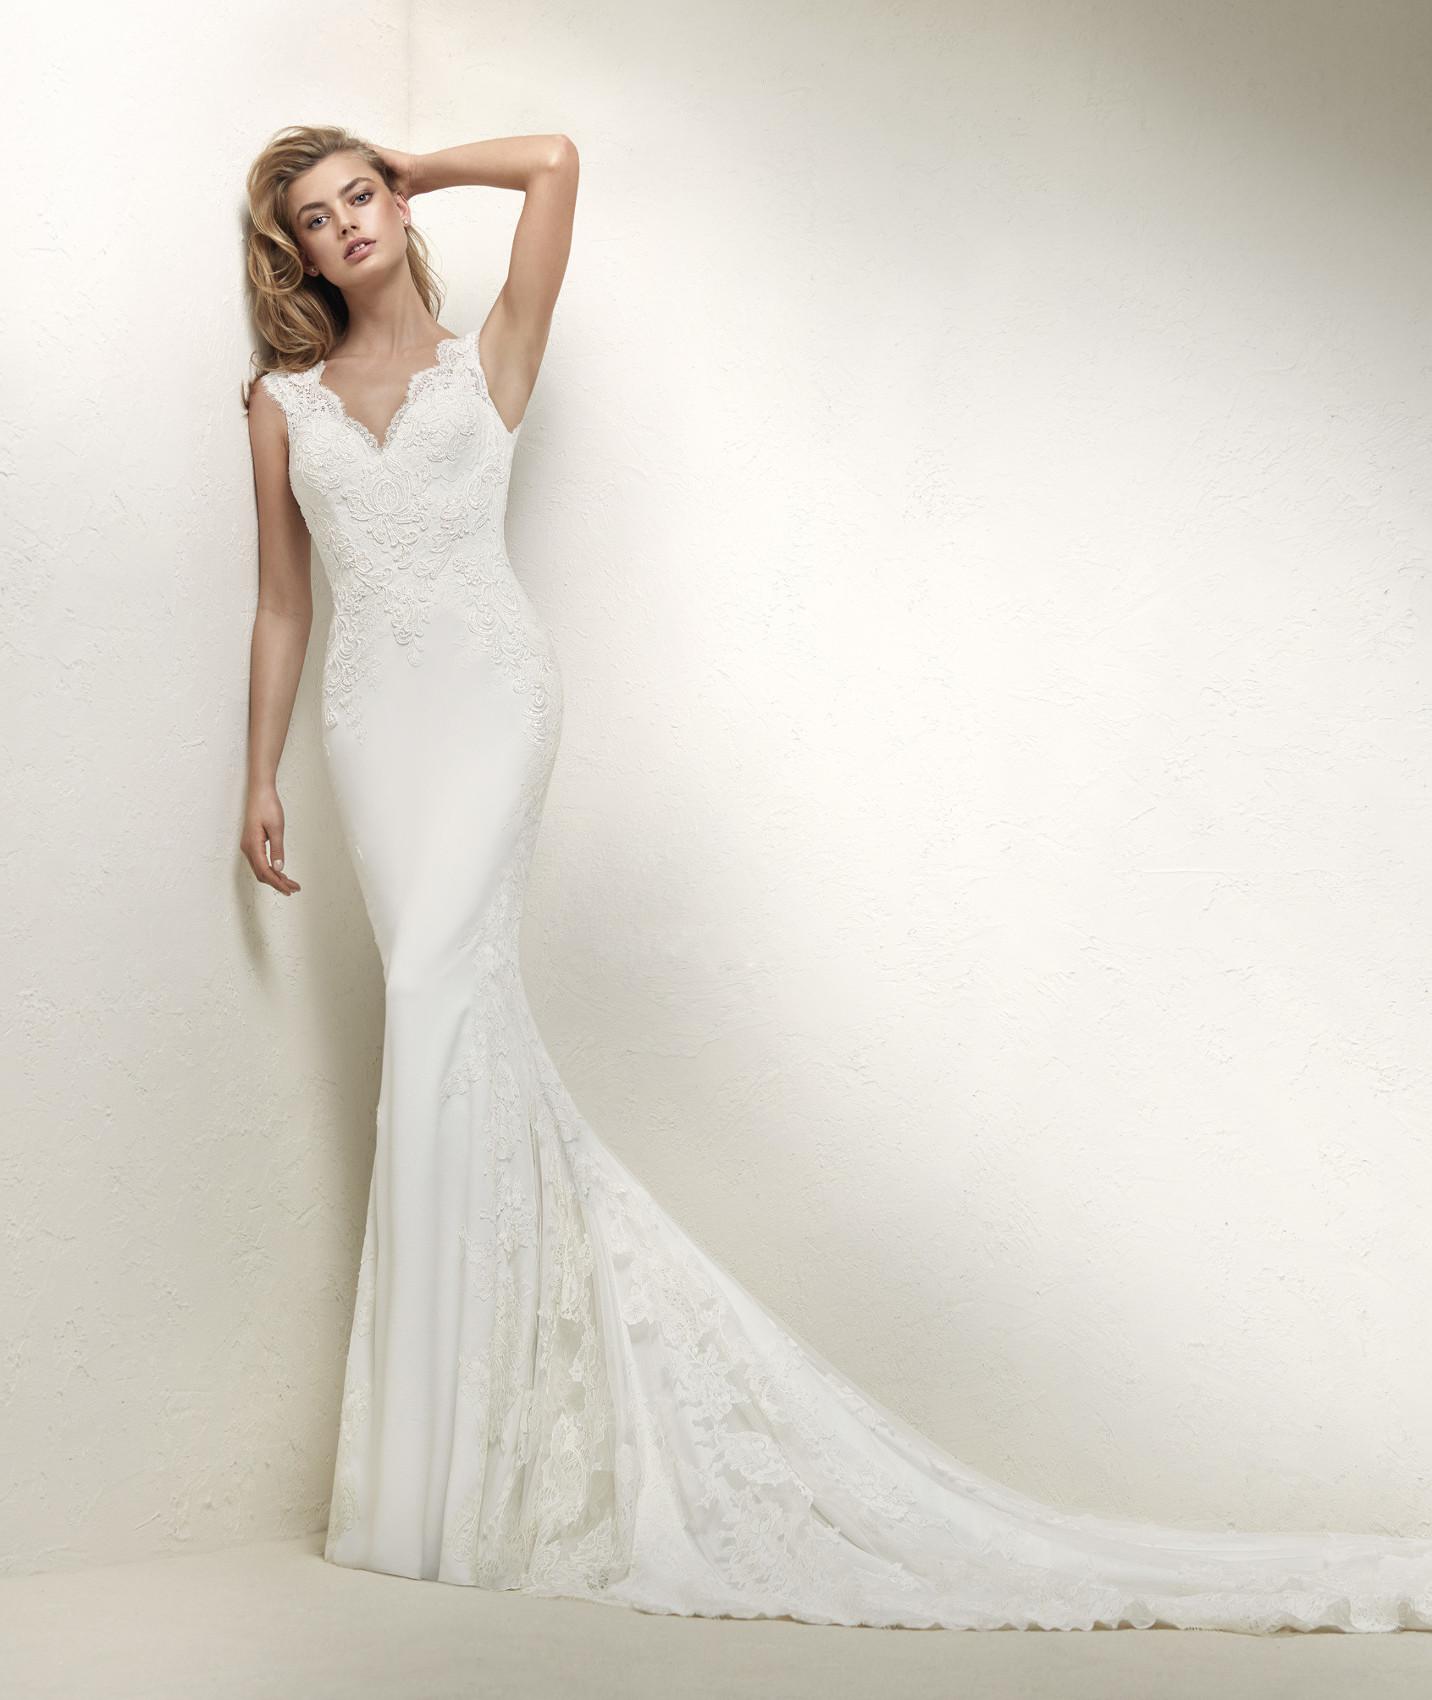 Drusila vestuvinė suknelė